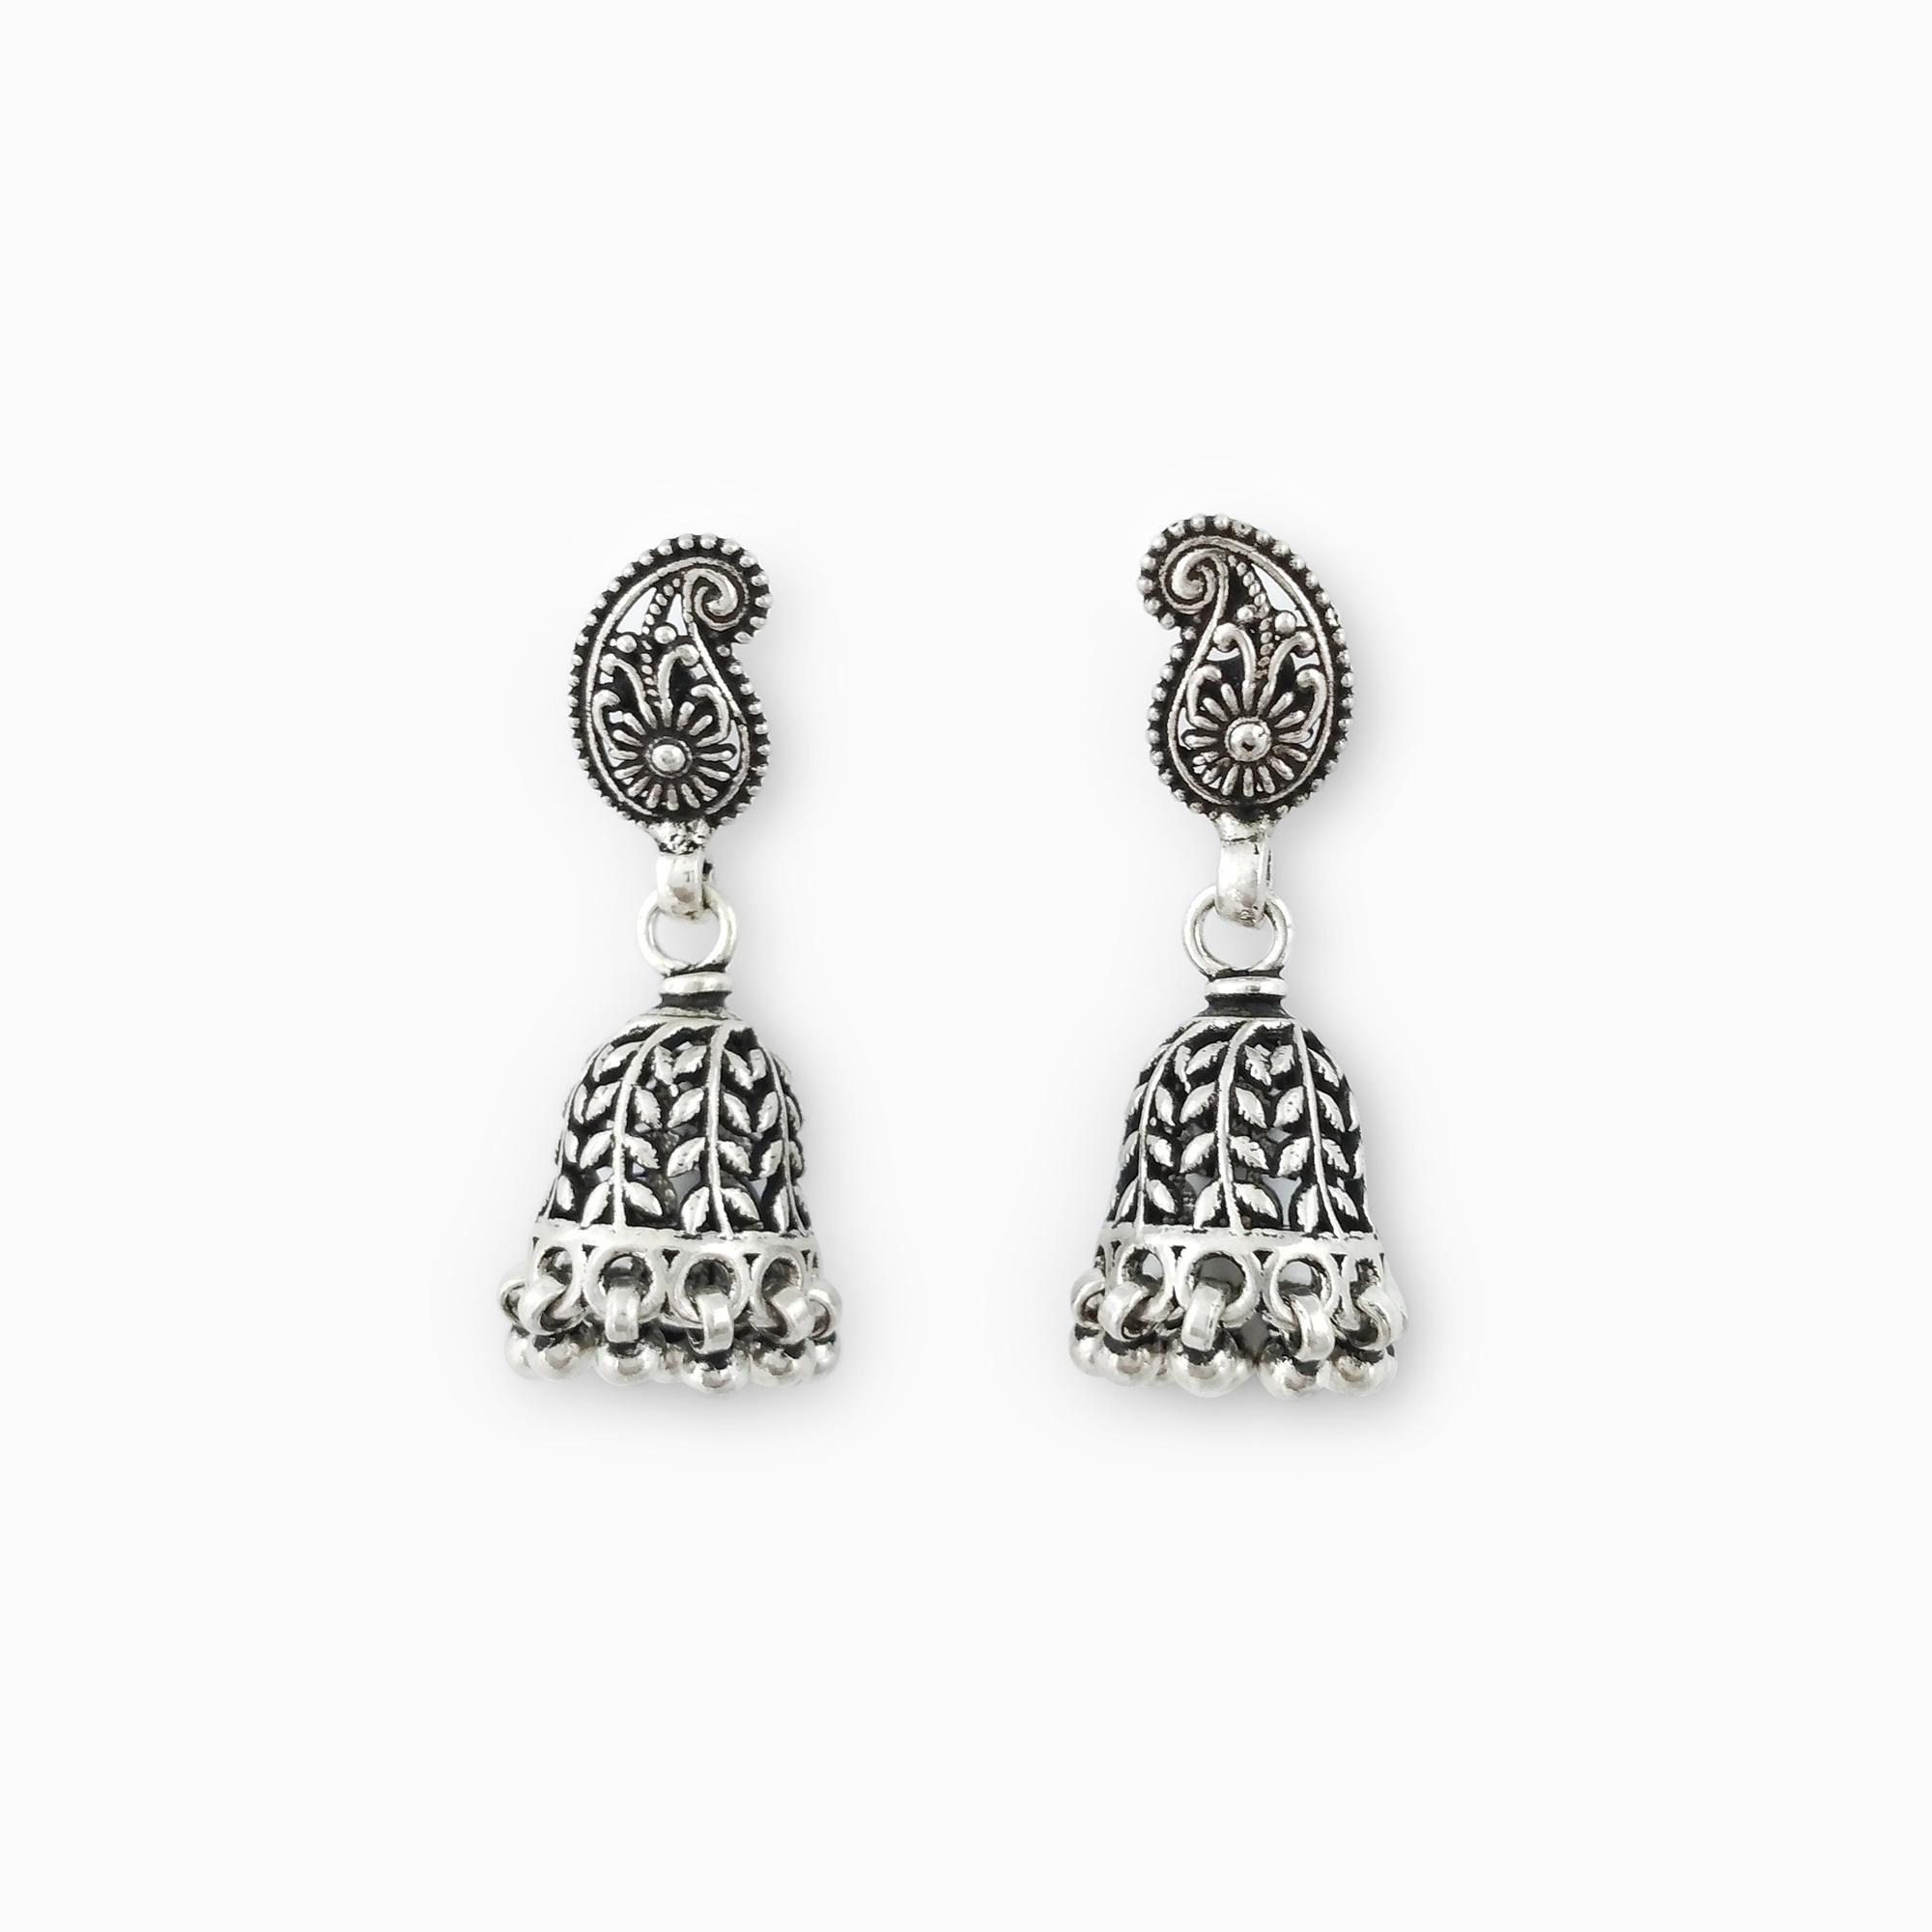 Intricate Flower Earrings